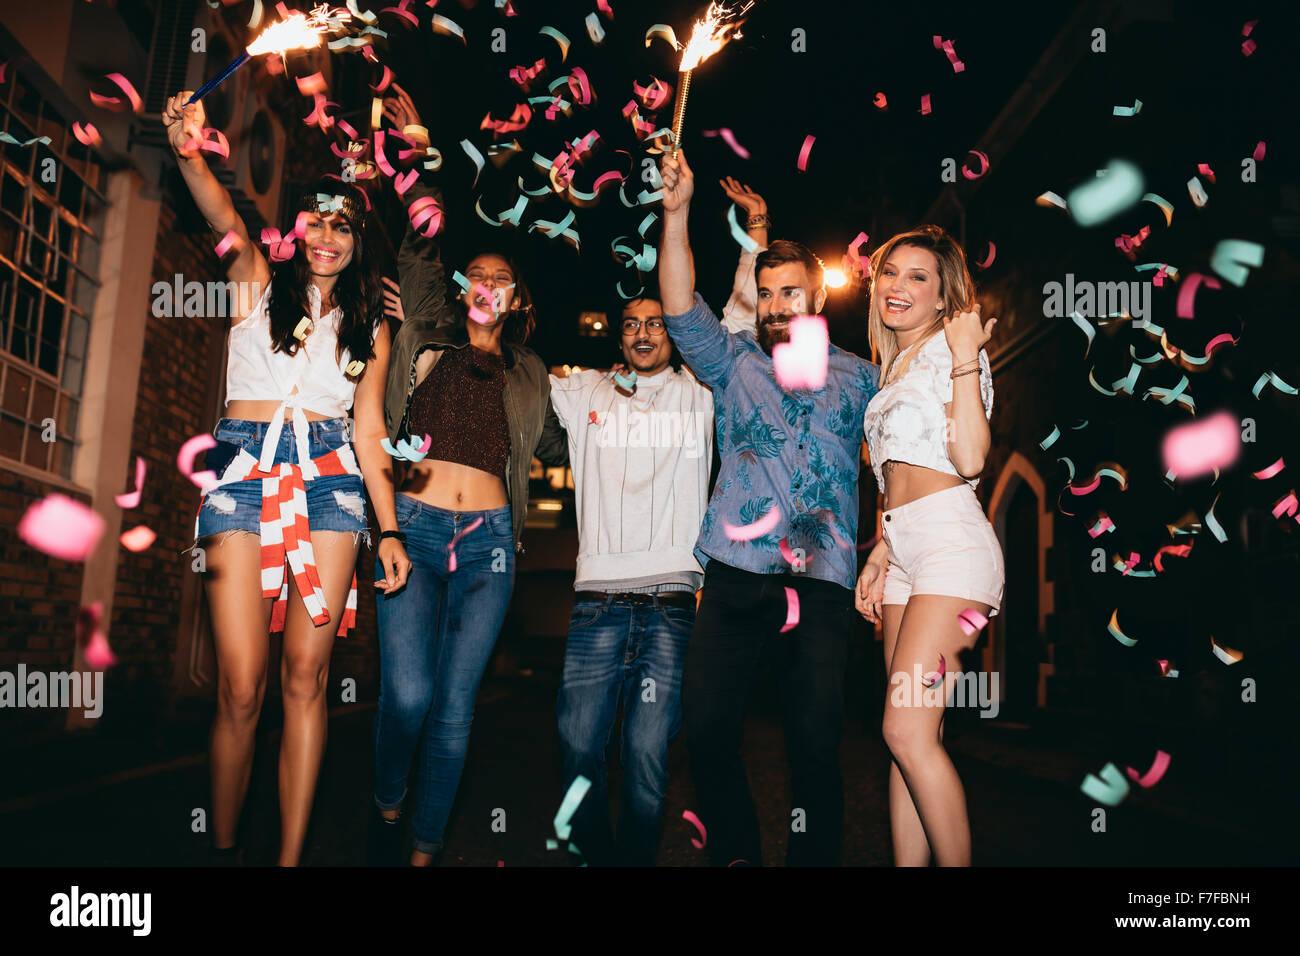 Groupe de jeunes ayant une partie, à l'extérieur. Les jeunes hommes et femmes multiraciales célébrant Photo Stock